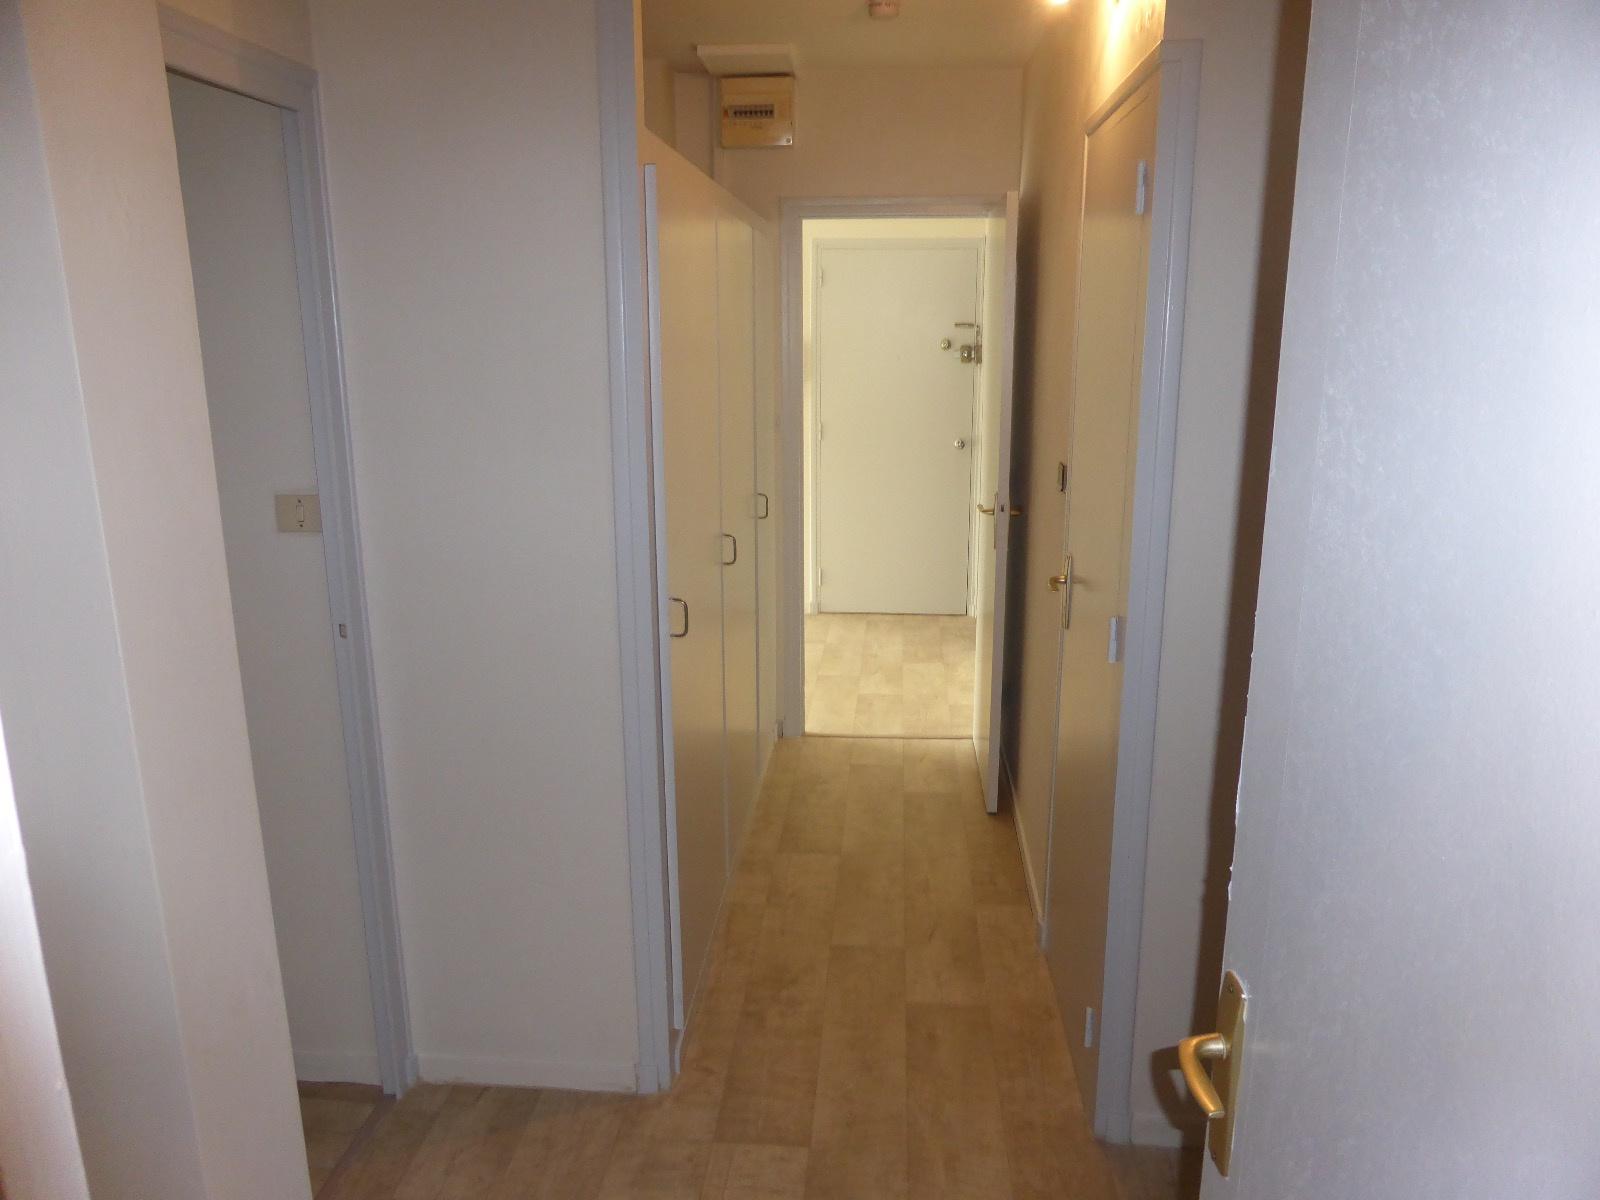 appartement la rochelle LA ROCHELLE - APPARTEMENT TYPE 4 - PROCHE COMMERCES